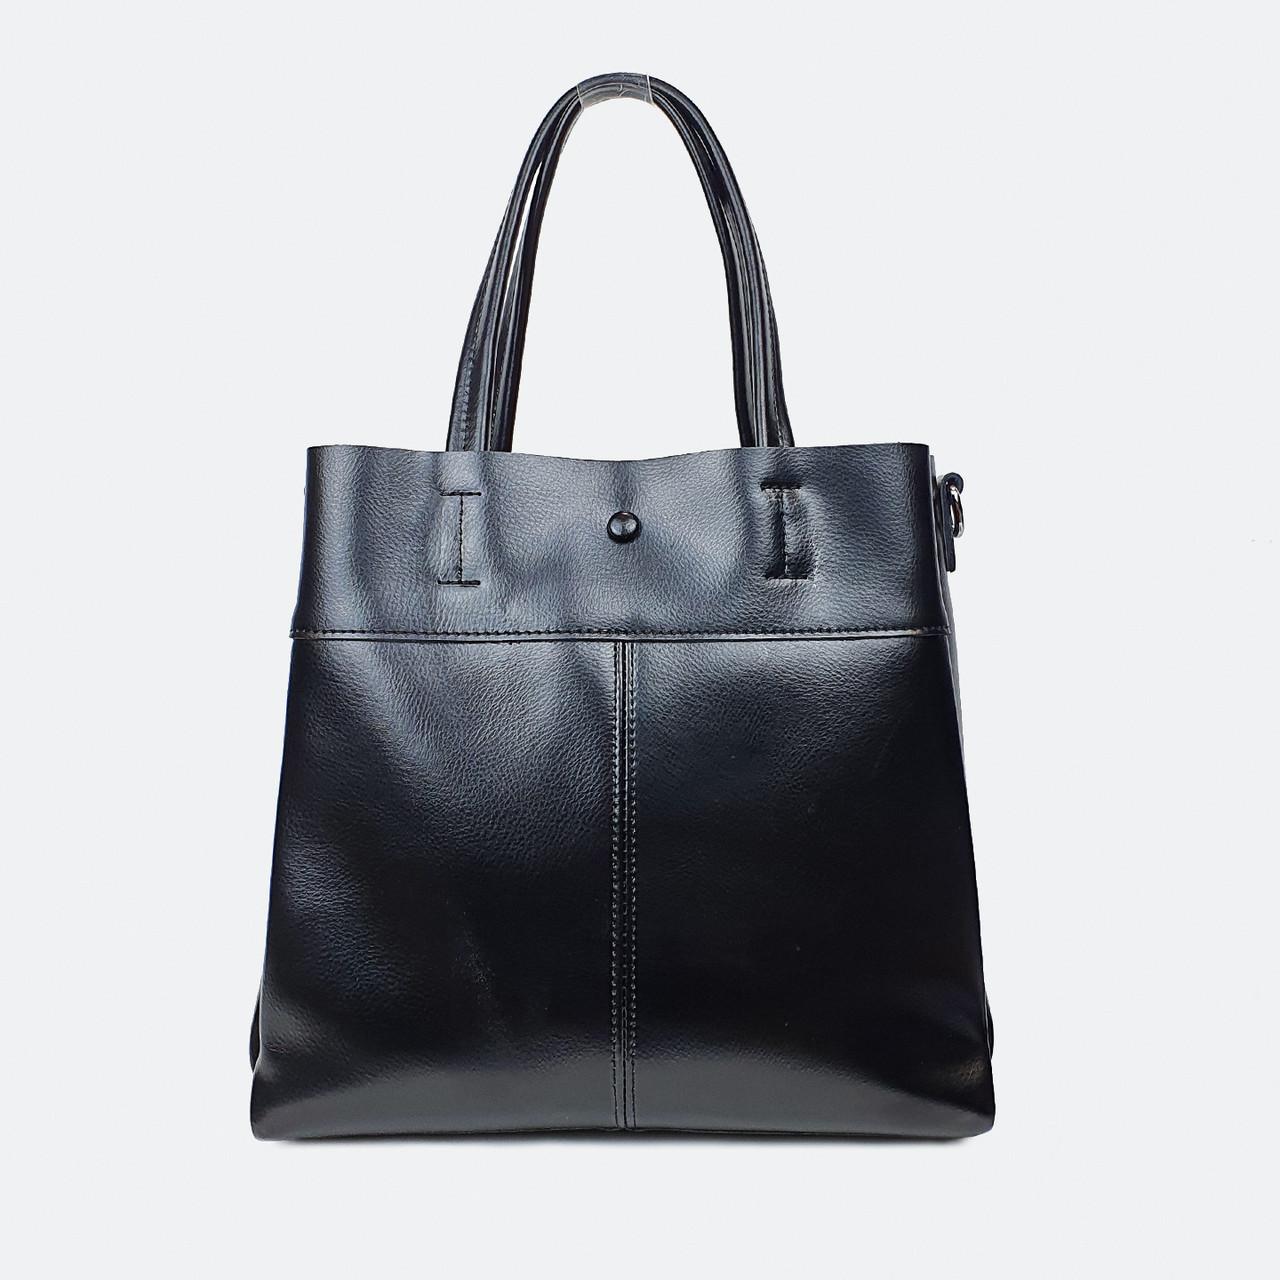 Жіноча чорна сумка з натуральної шкіри середня повсякденна